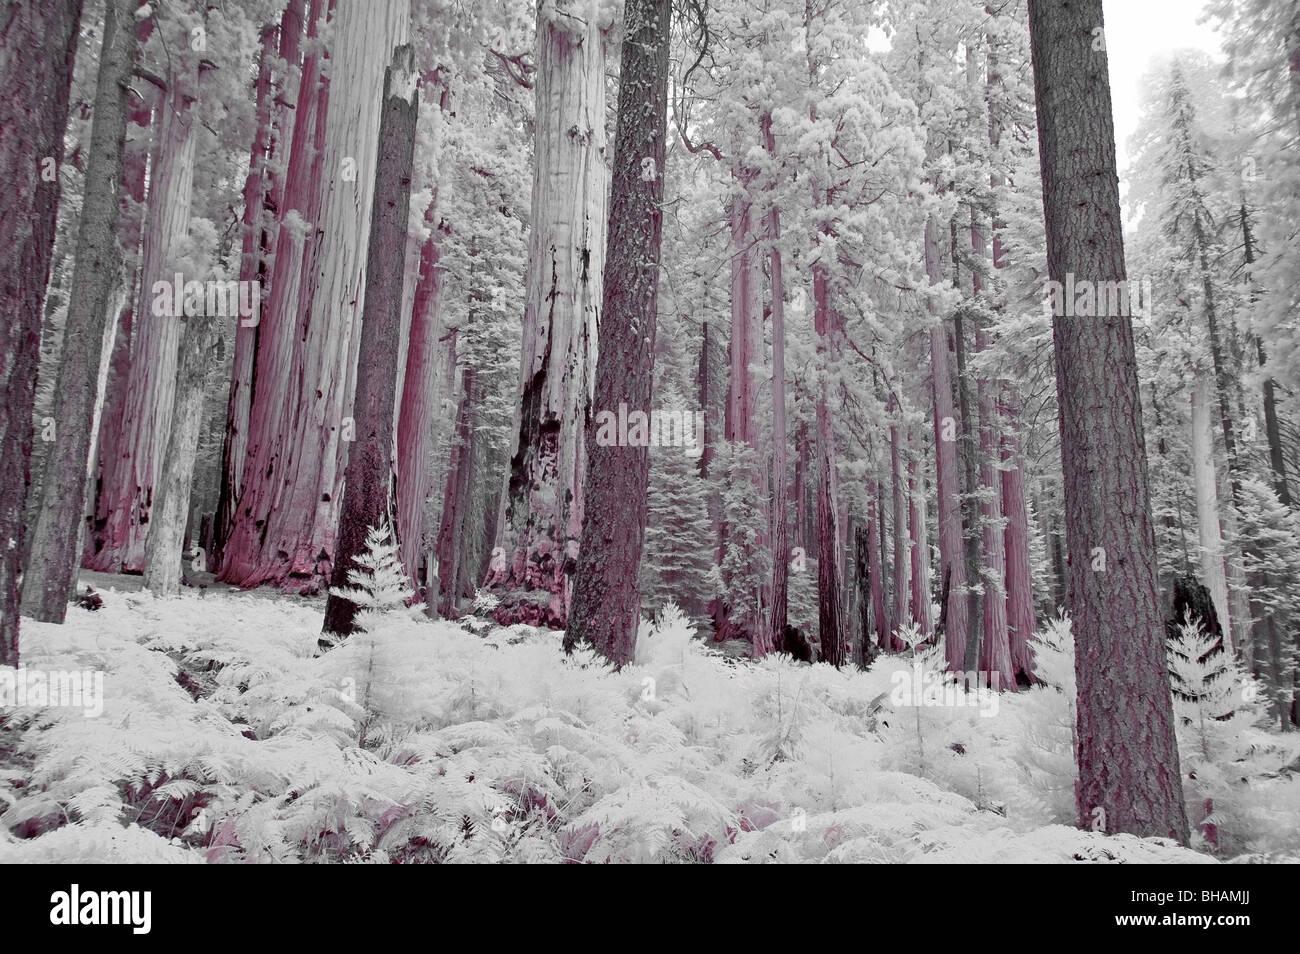 Girato a infrarossi della sequoia gigante delle foreste nel Parco Nazionale di Sequoia, CALIFORNIA, STATI UNITI Immagini Stock